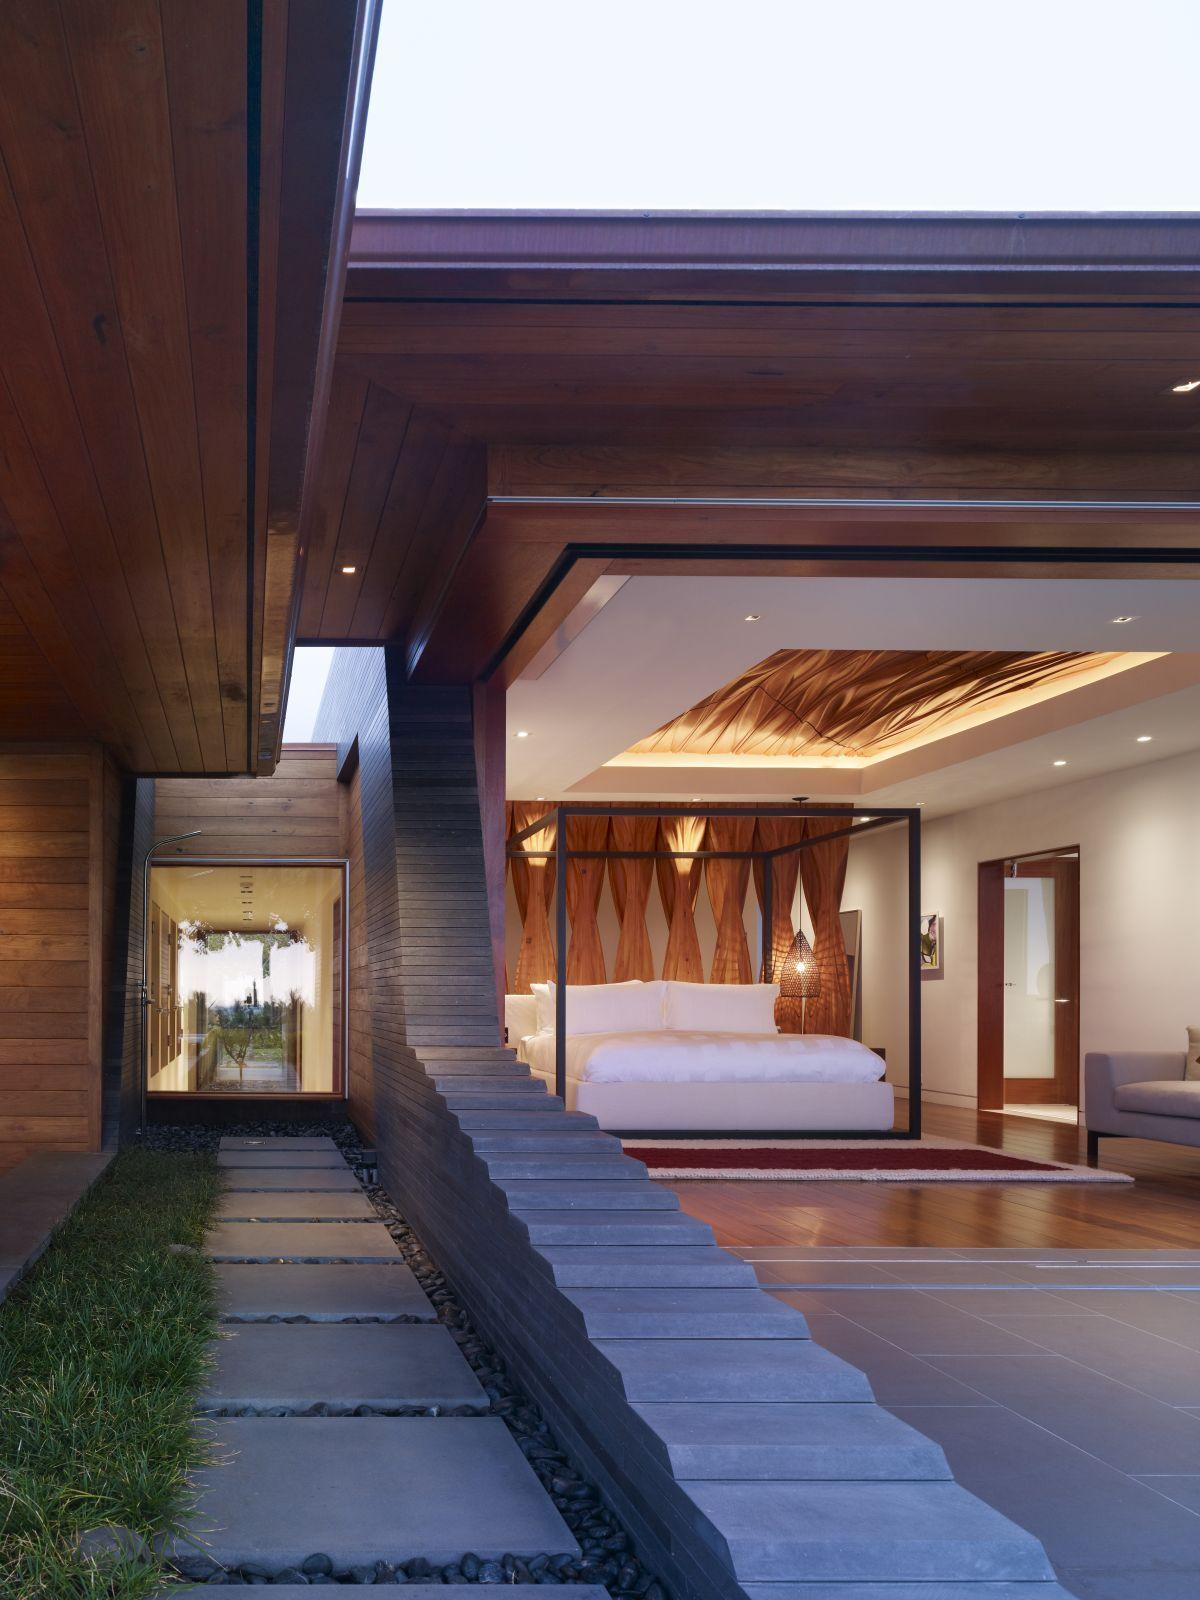 The Kona Residence by Belzberg Architects The Kona Residence by ...